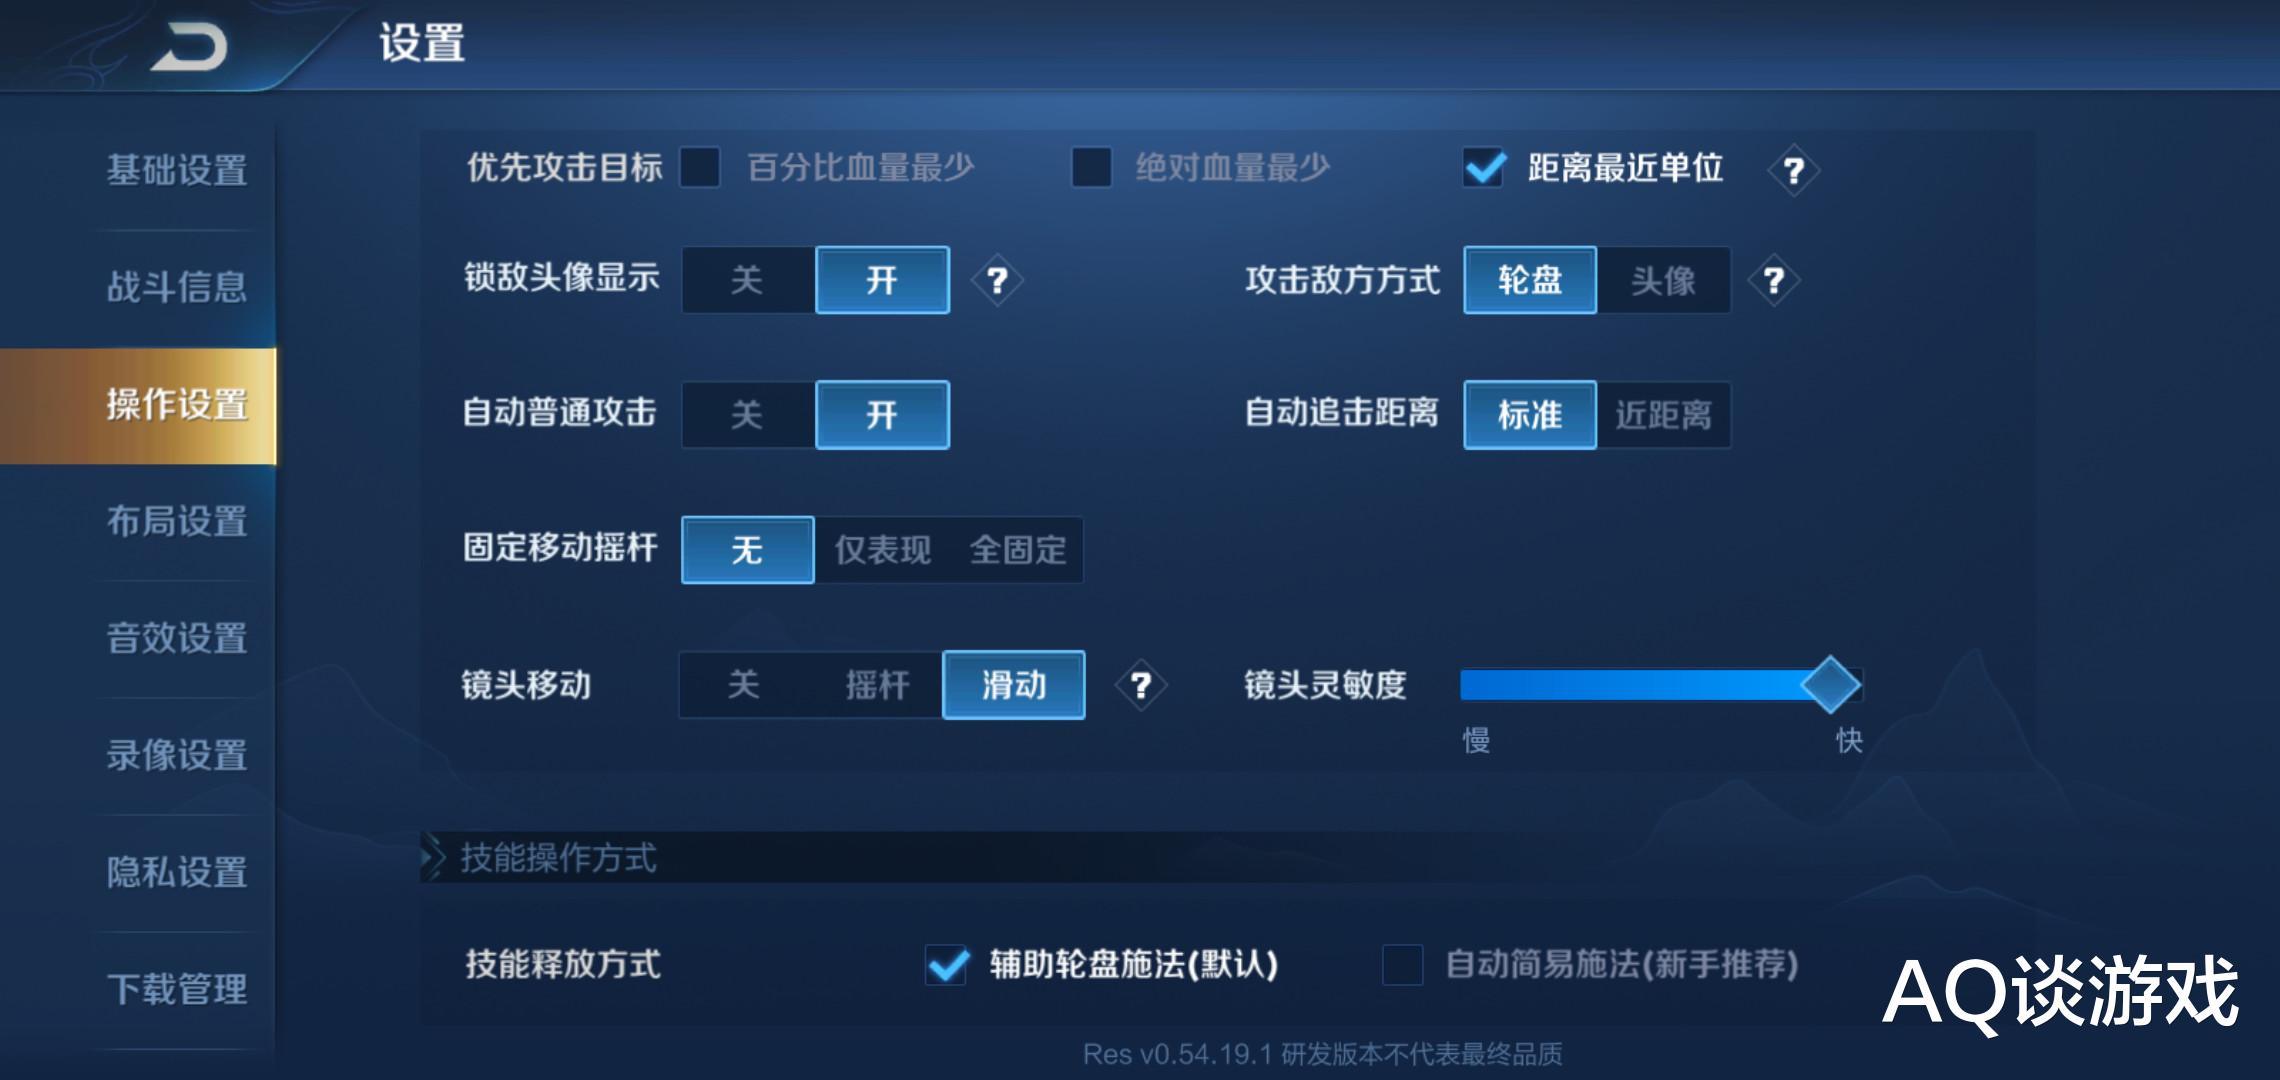 《【煜星娱乐app登录】王者荣耀:粒子质量调高调低都不对,荣耀王者:这样调赢一半》